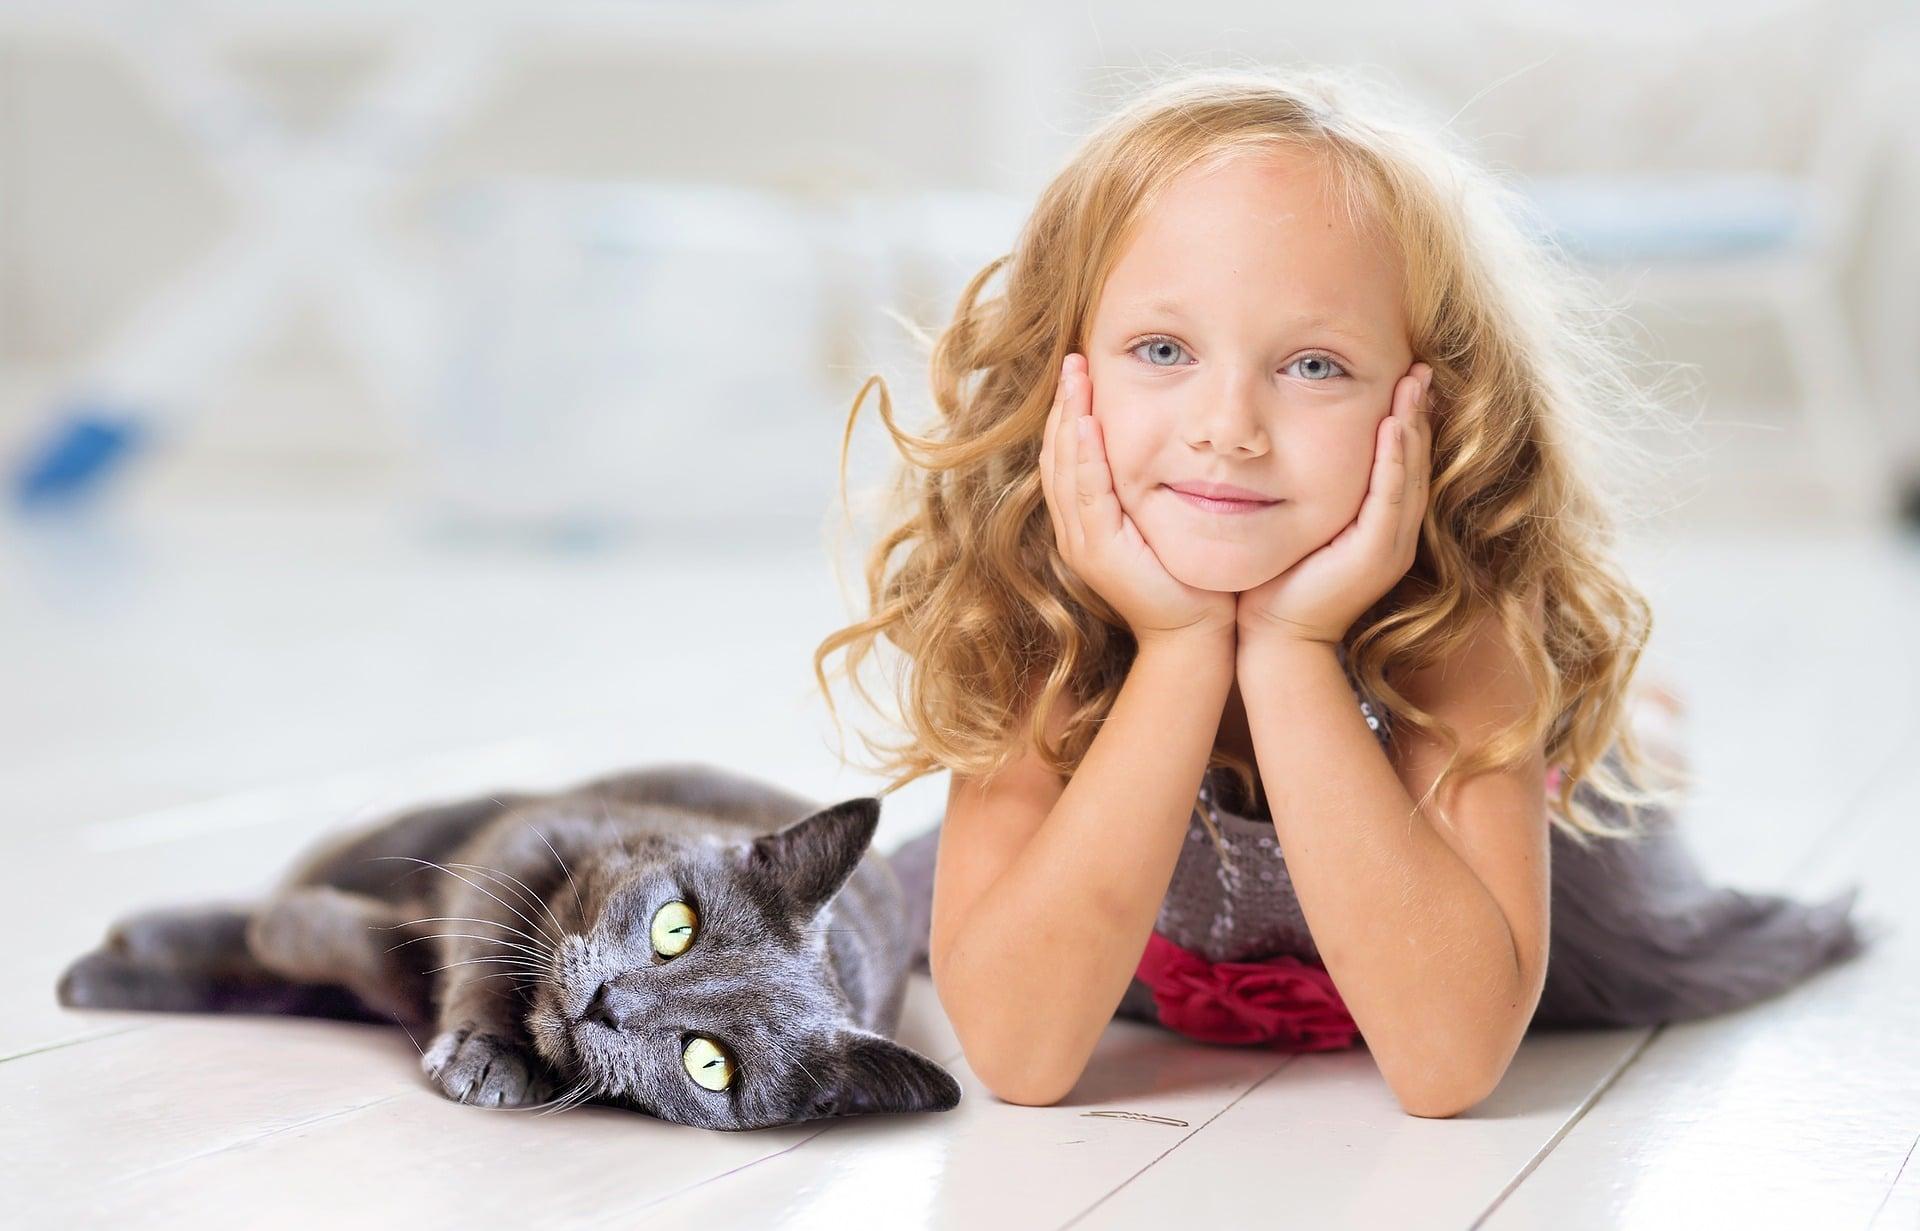 Descubre por qué te sigue el gato